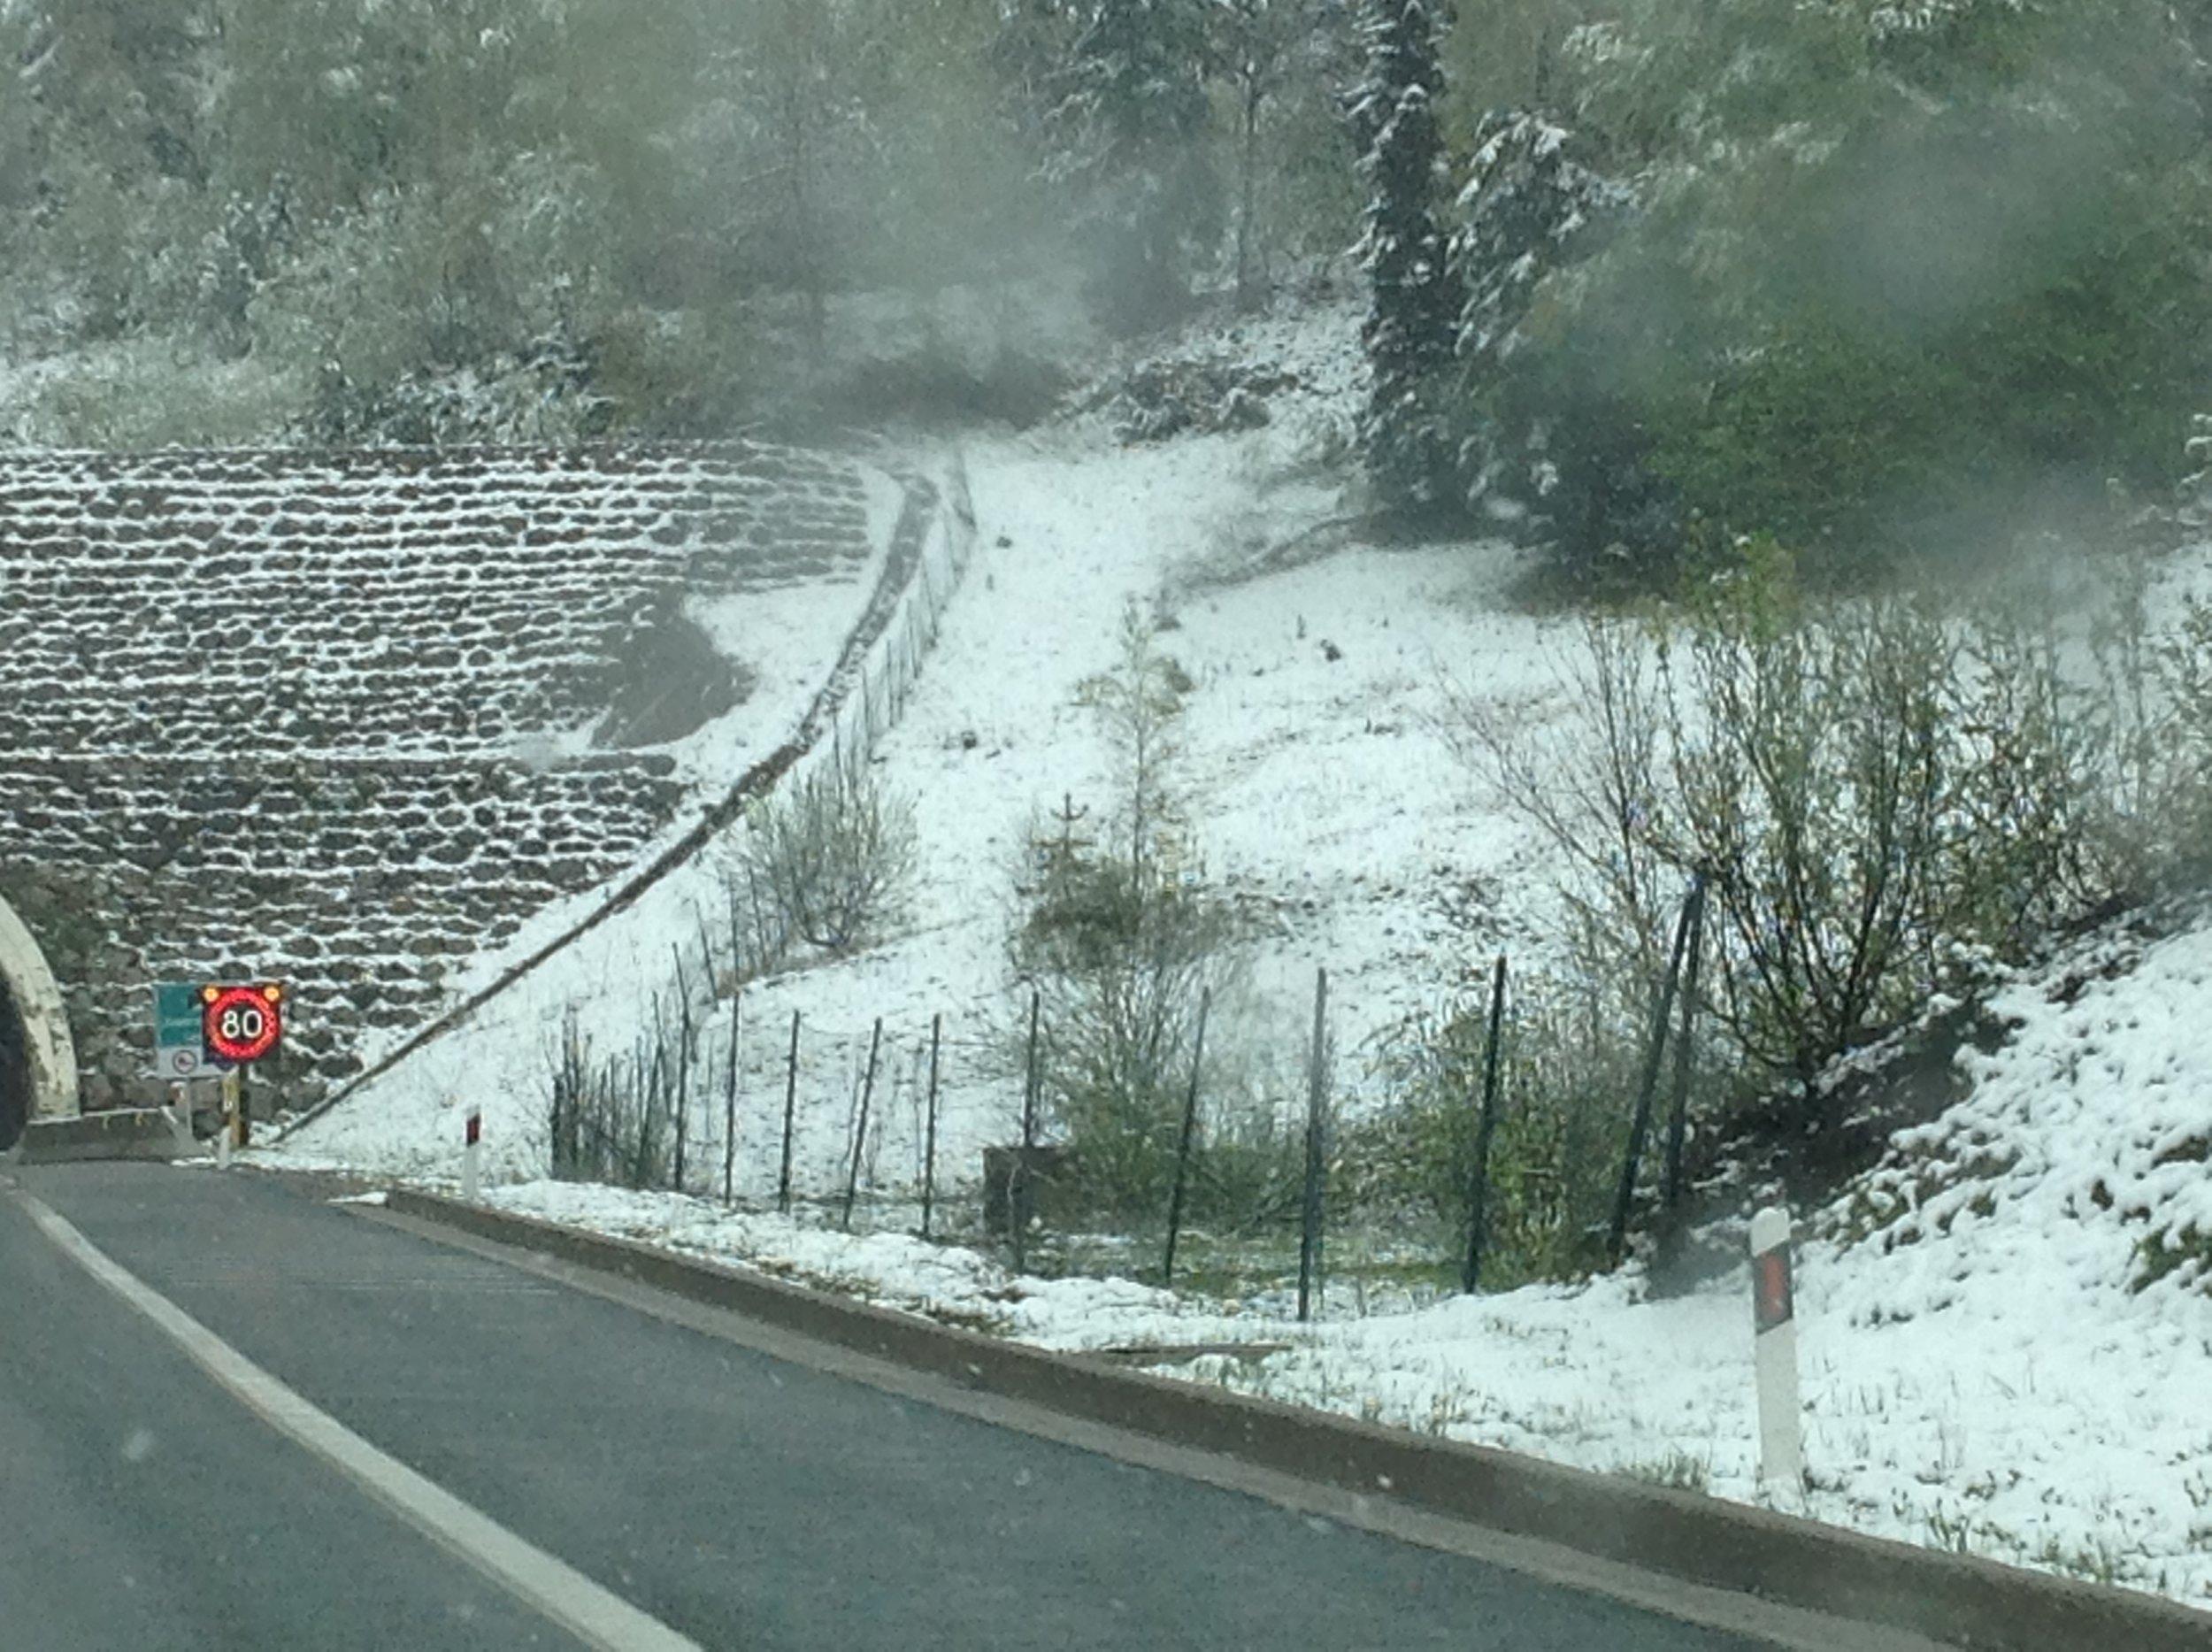 Just a little bit of snow.